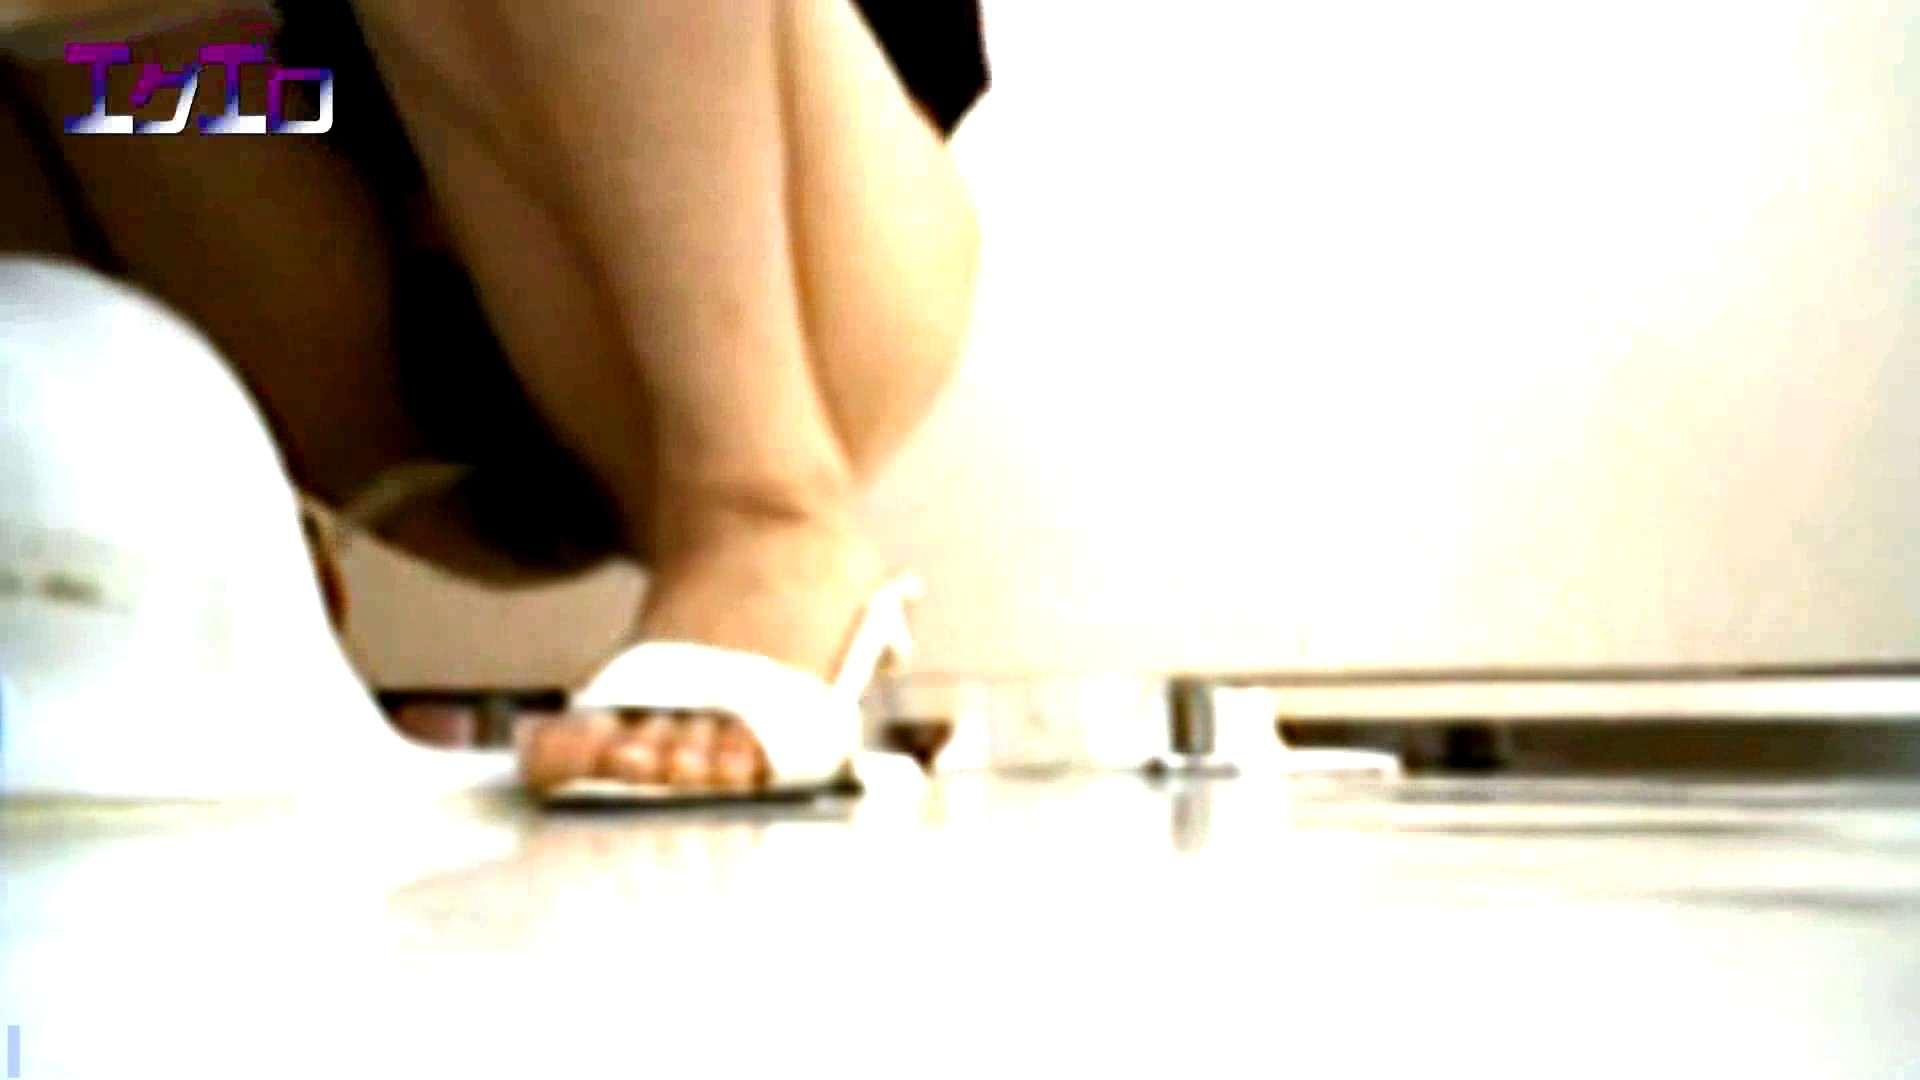 至近距離洗面所 Vol.09夏ギャルキタ~和式トイレ放nyoショー 洗面所 すけべAV動画紹介 80画像 62